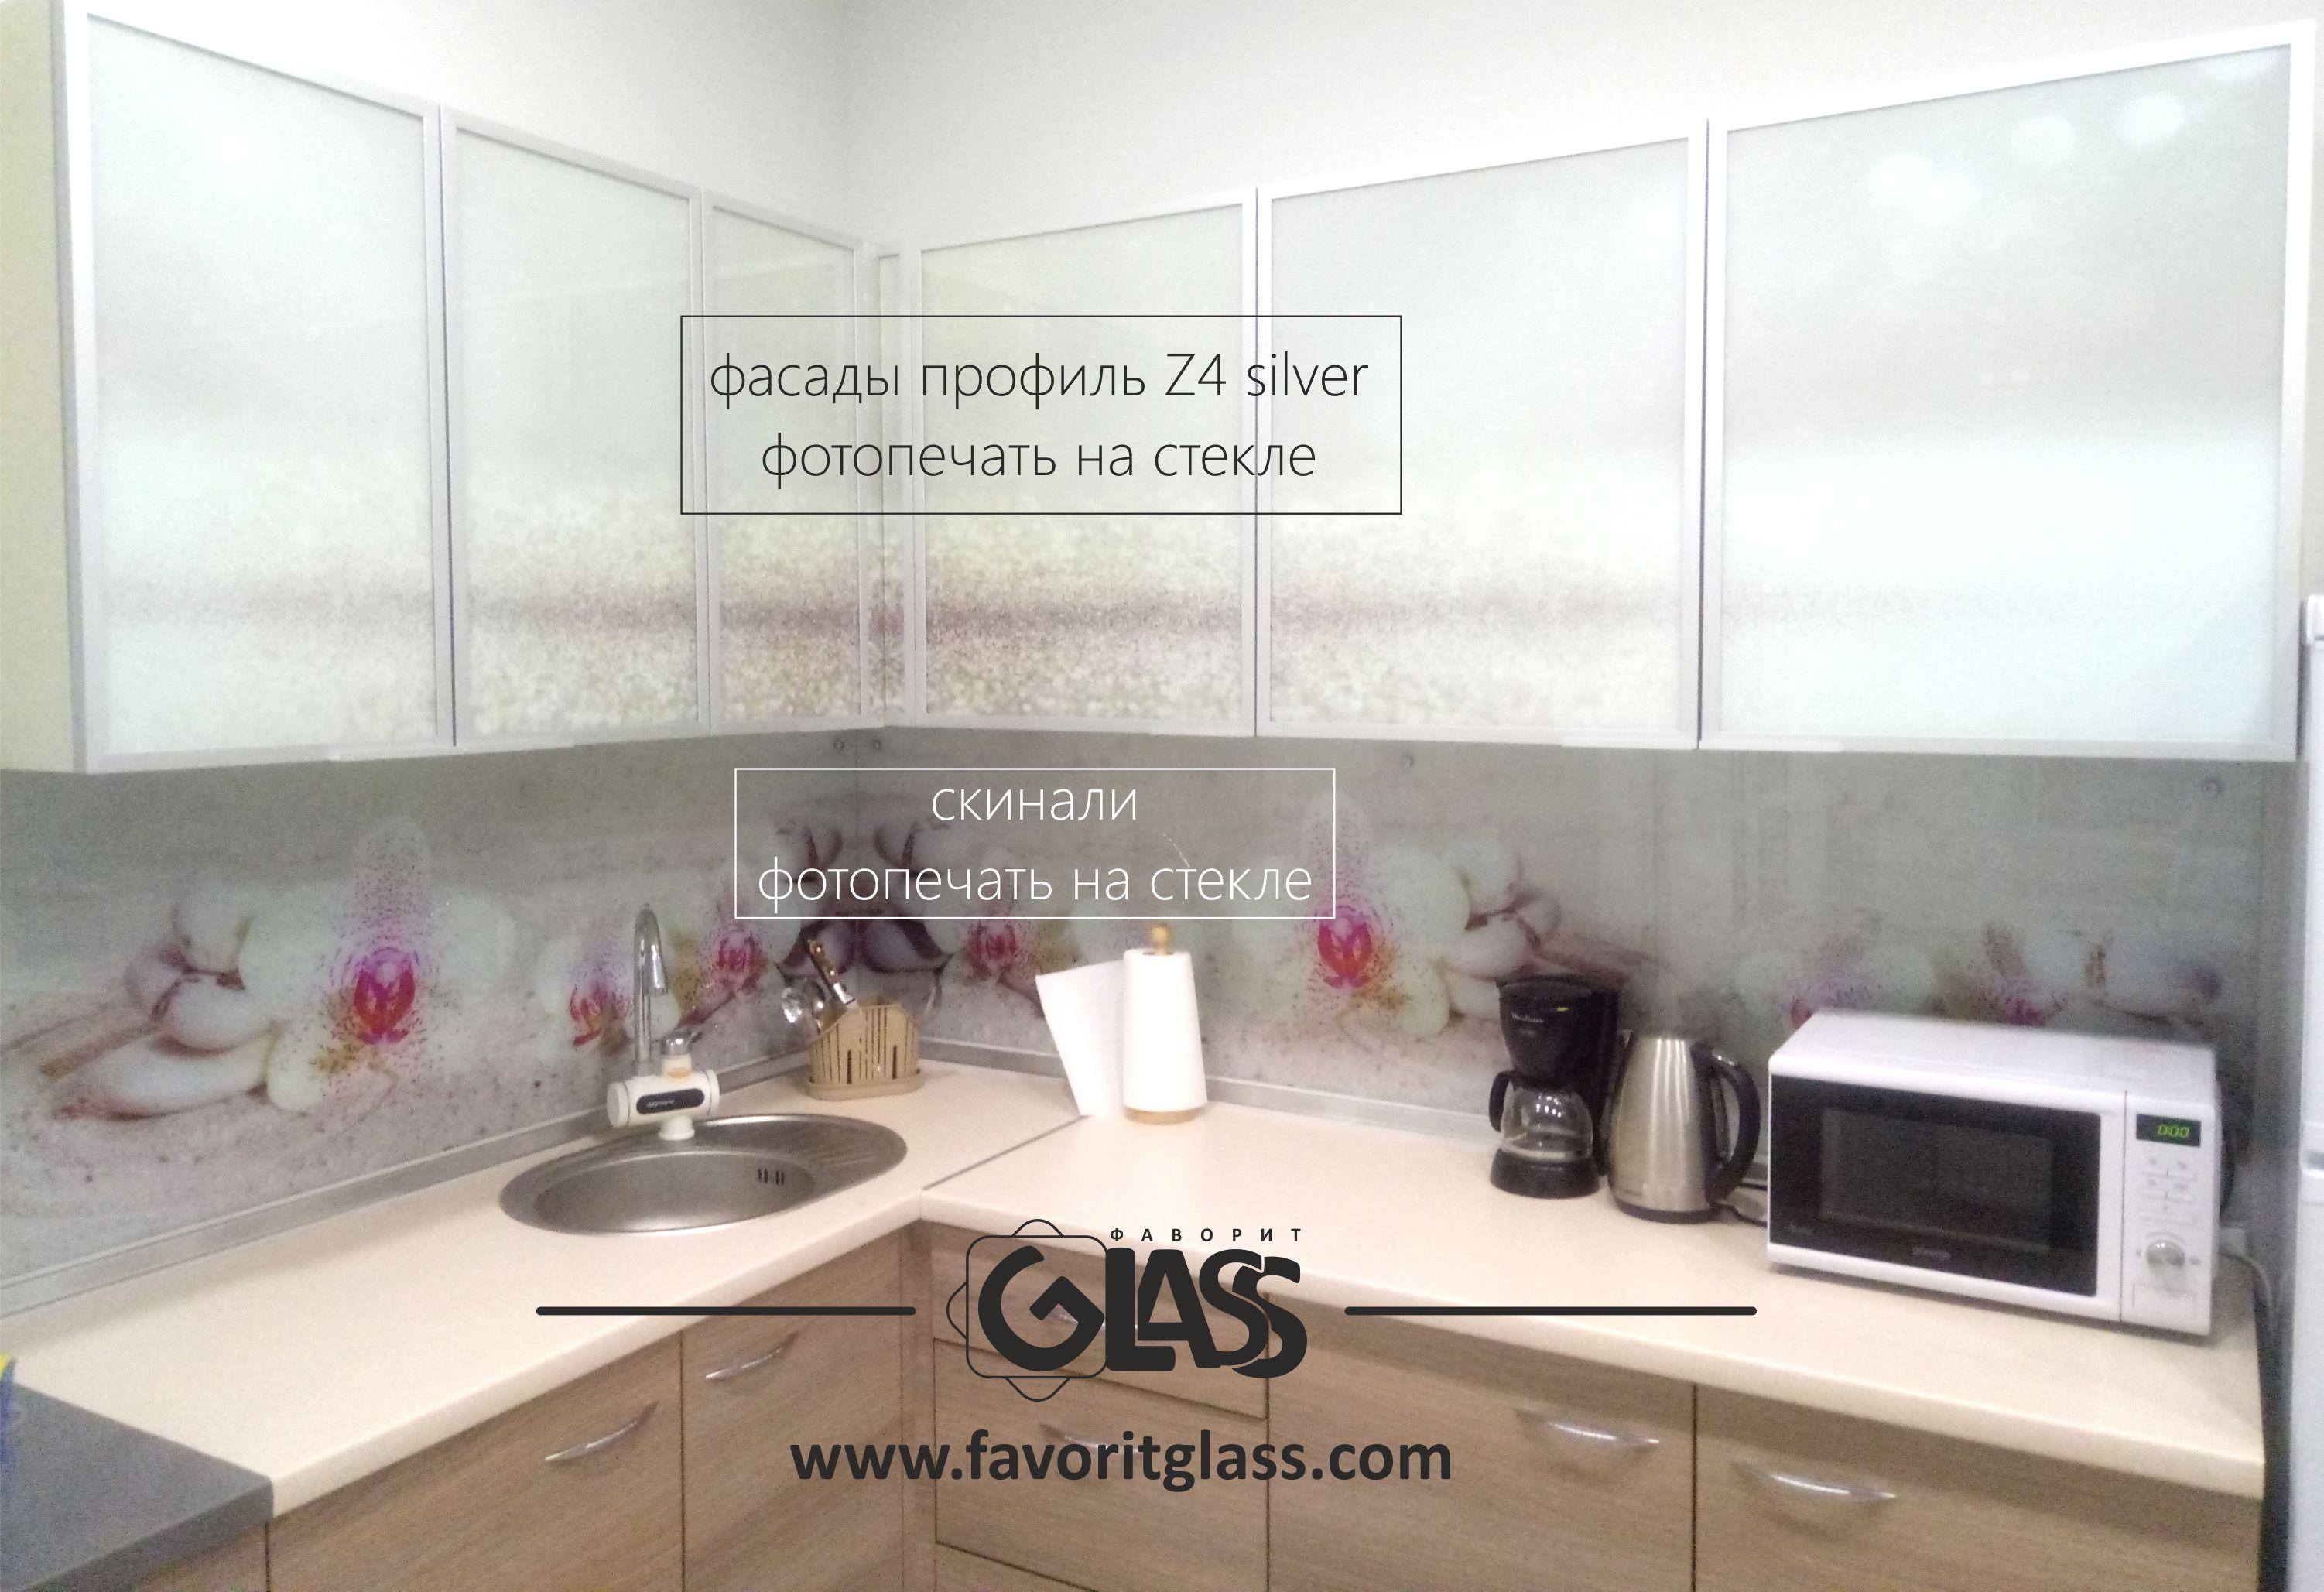 скинали фотопечать на стекле фасады  на кухню.jpg